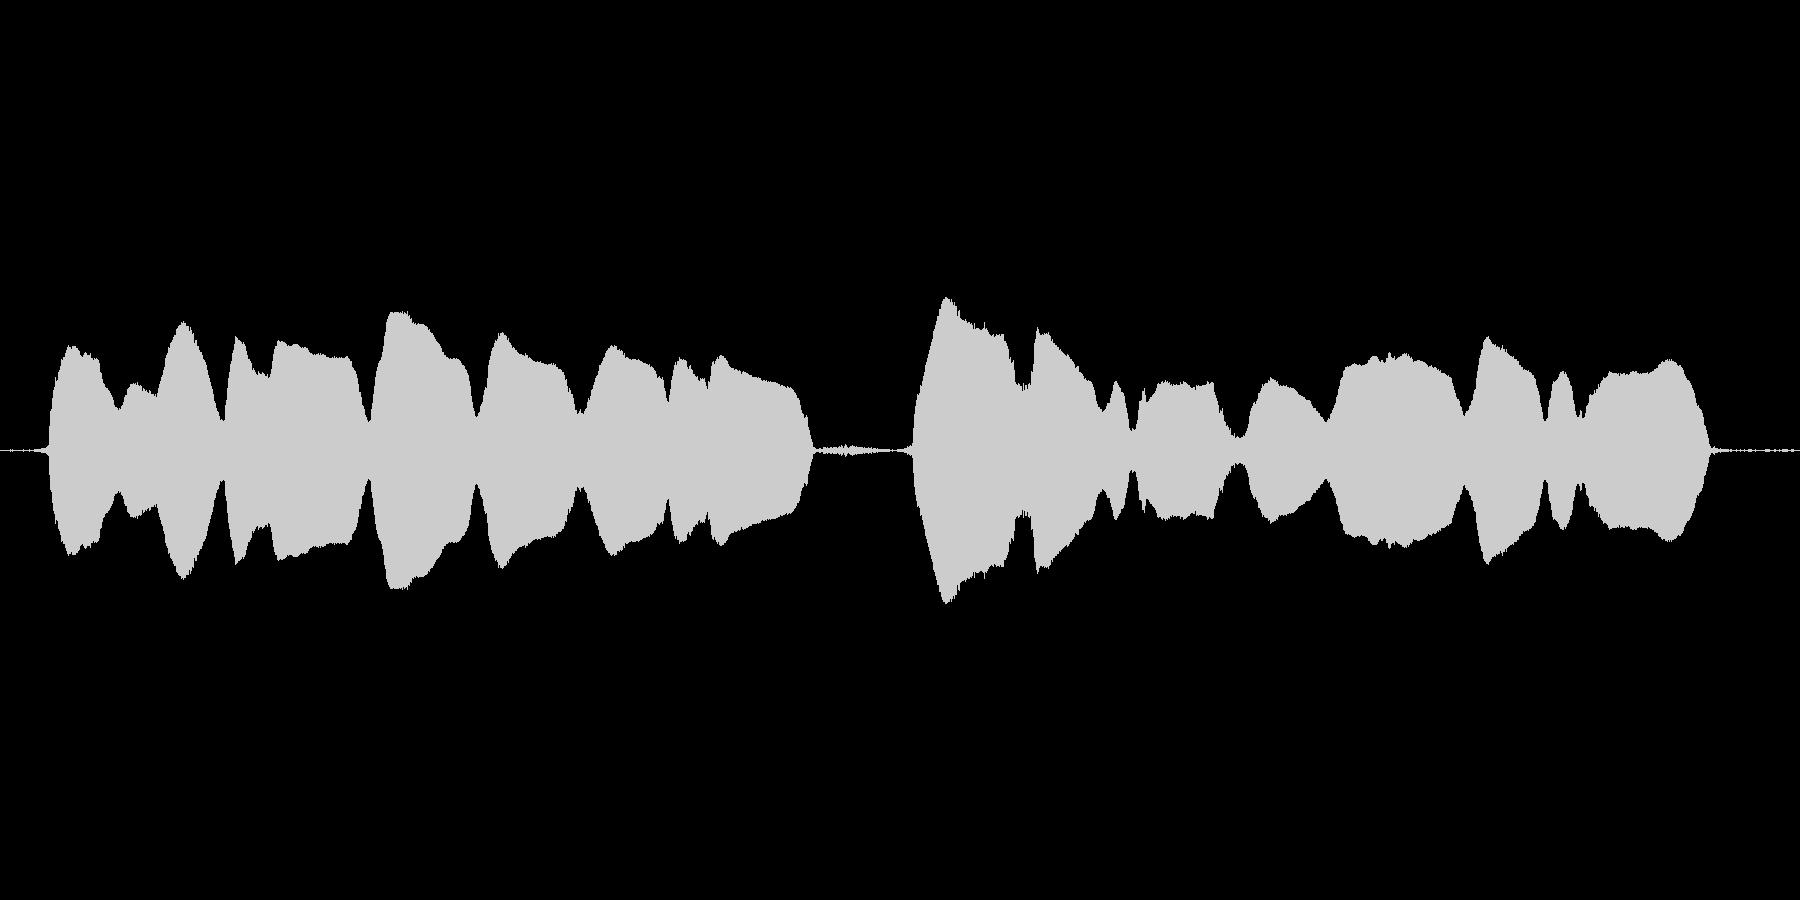 (鼻歌)の未再生の波形